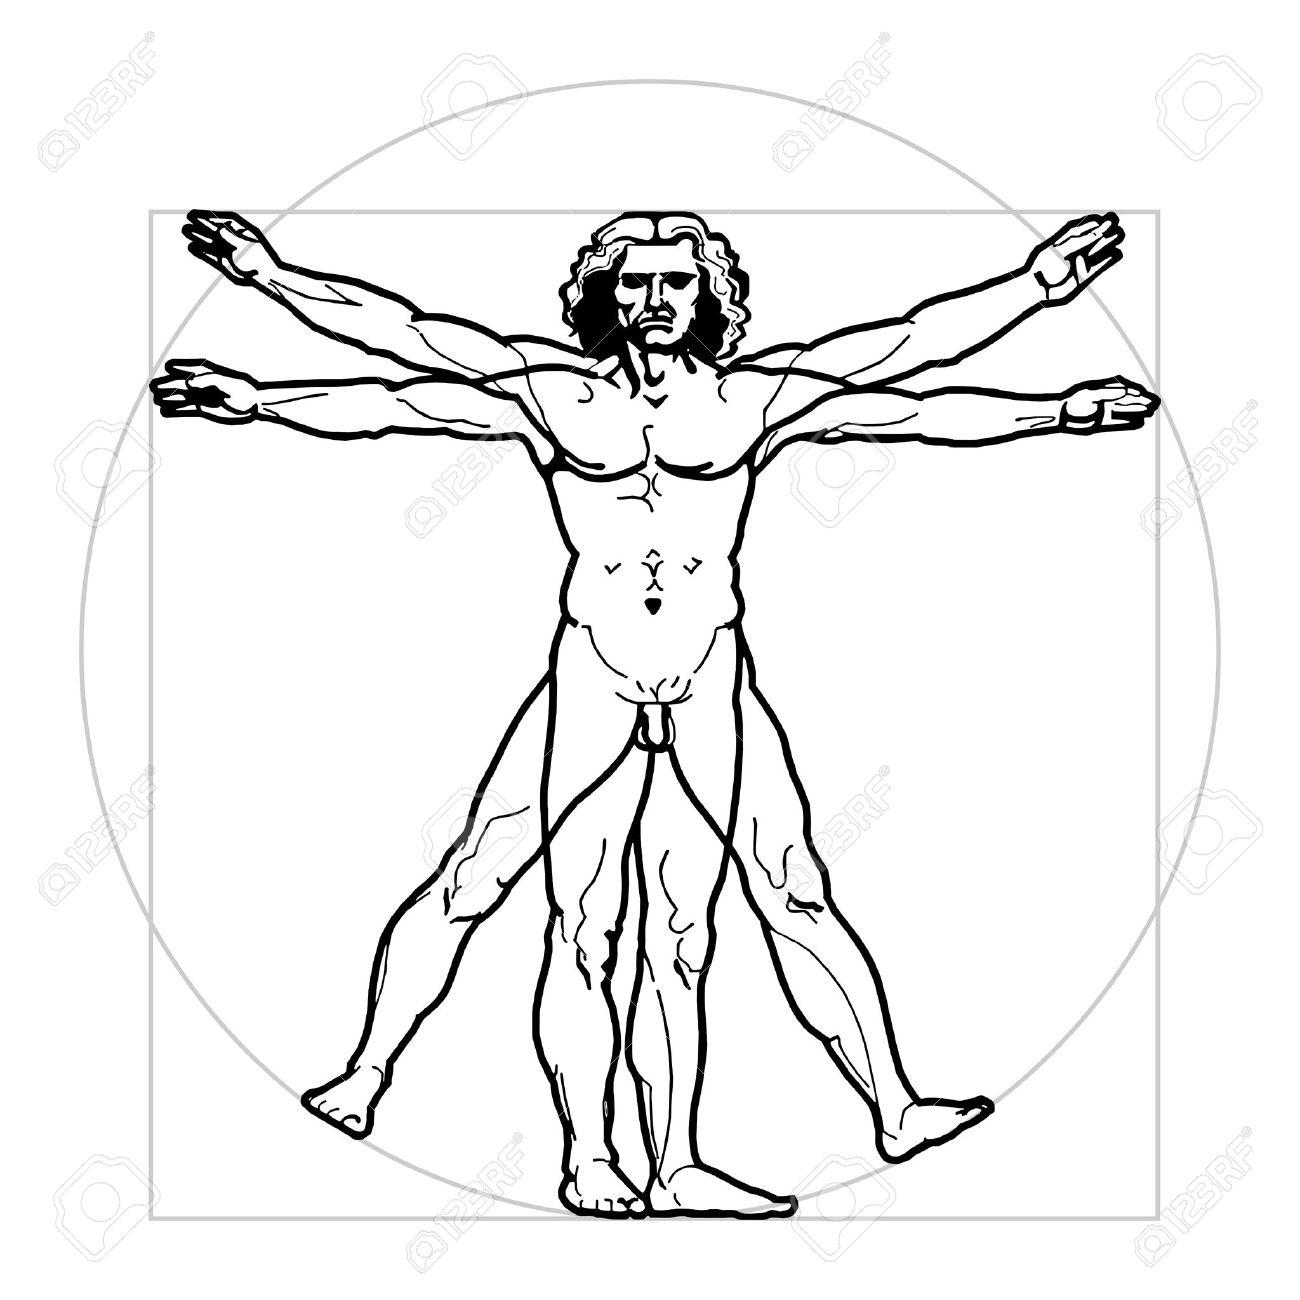 Leonardos Vitruvian Man Royalty Free Cliparts, Vectors, And Stock ...